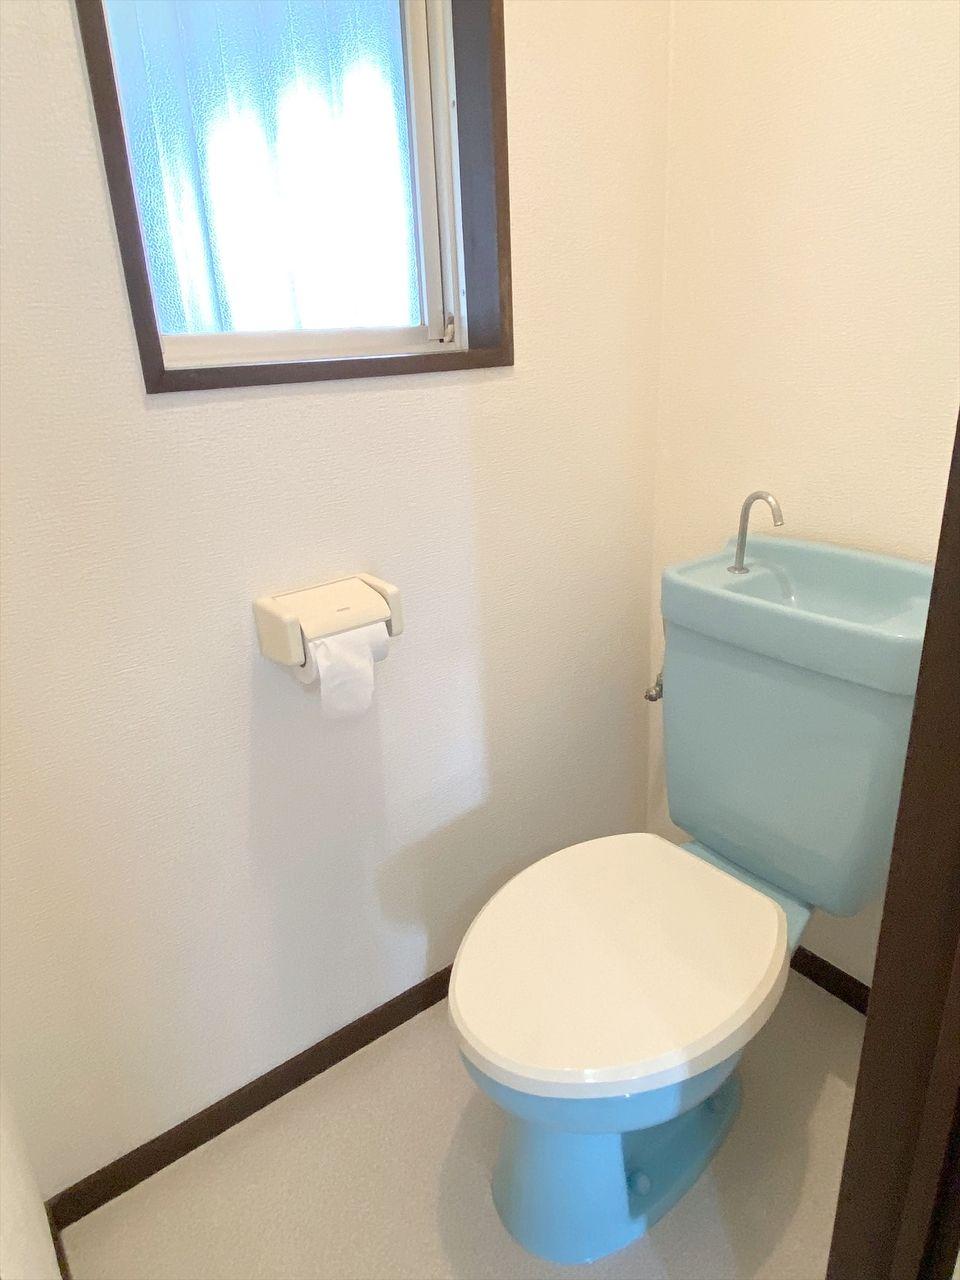 ベルパークのトイレ バス・トイレ別です。ウオシュレットを新規に設置しています